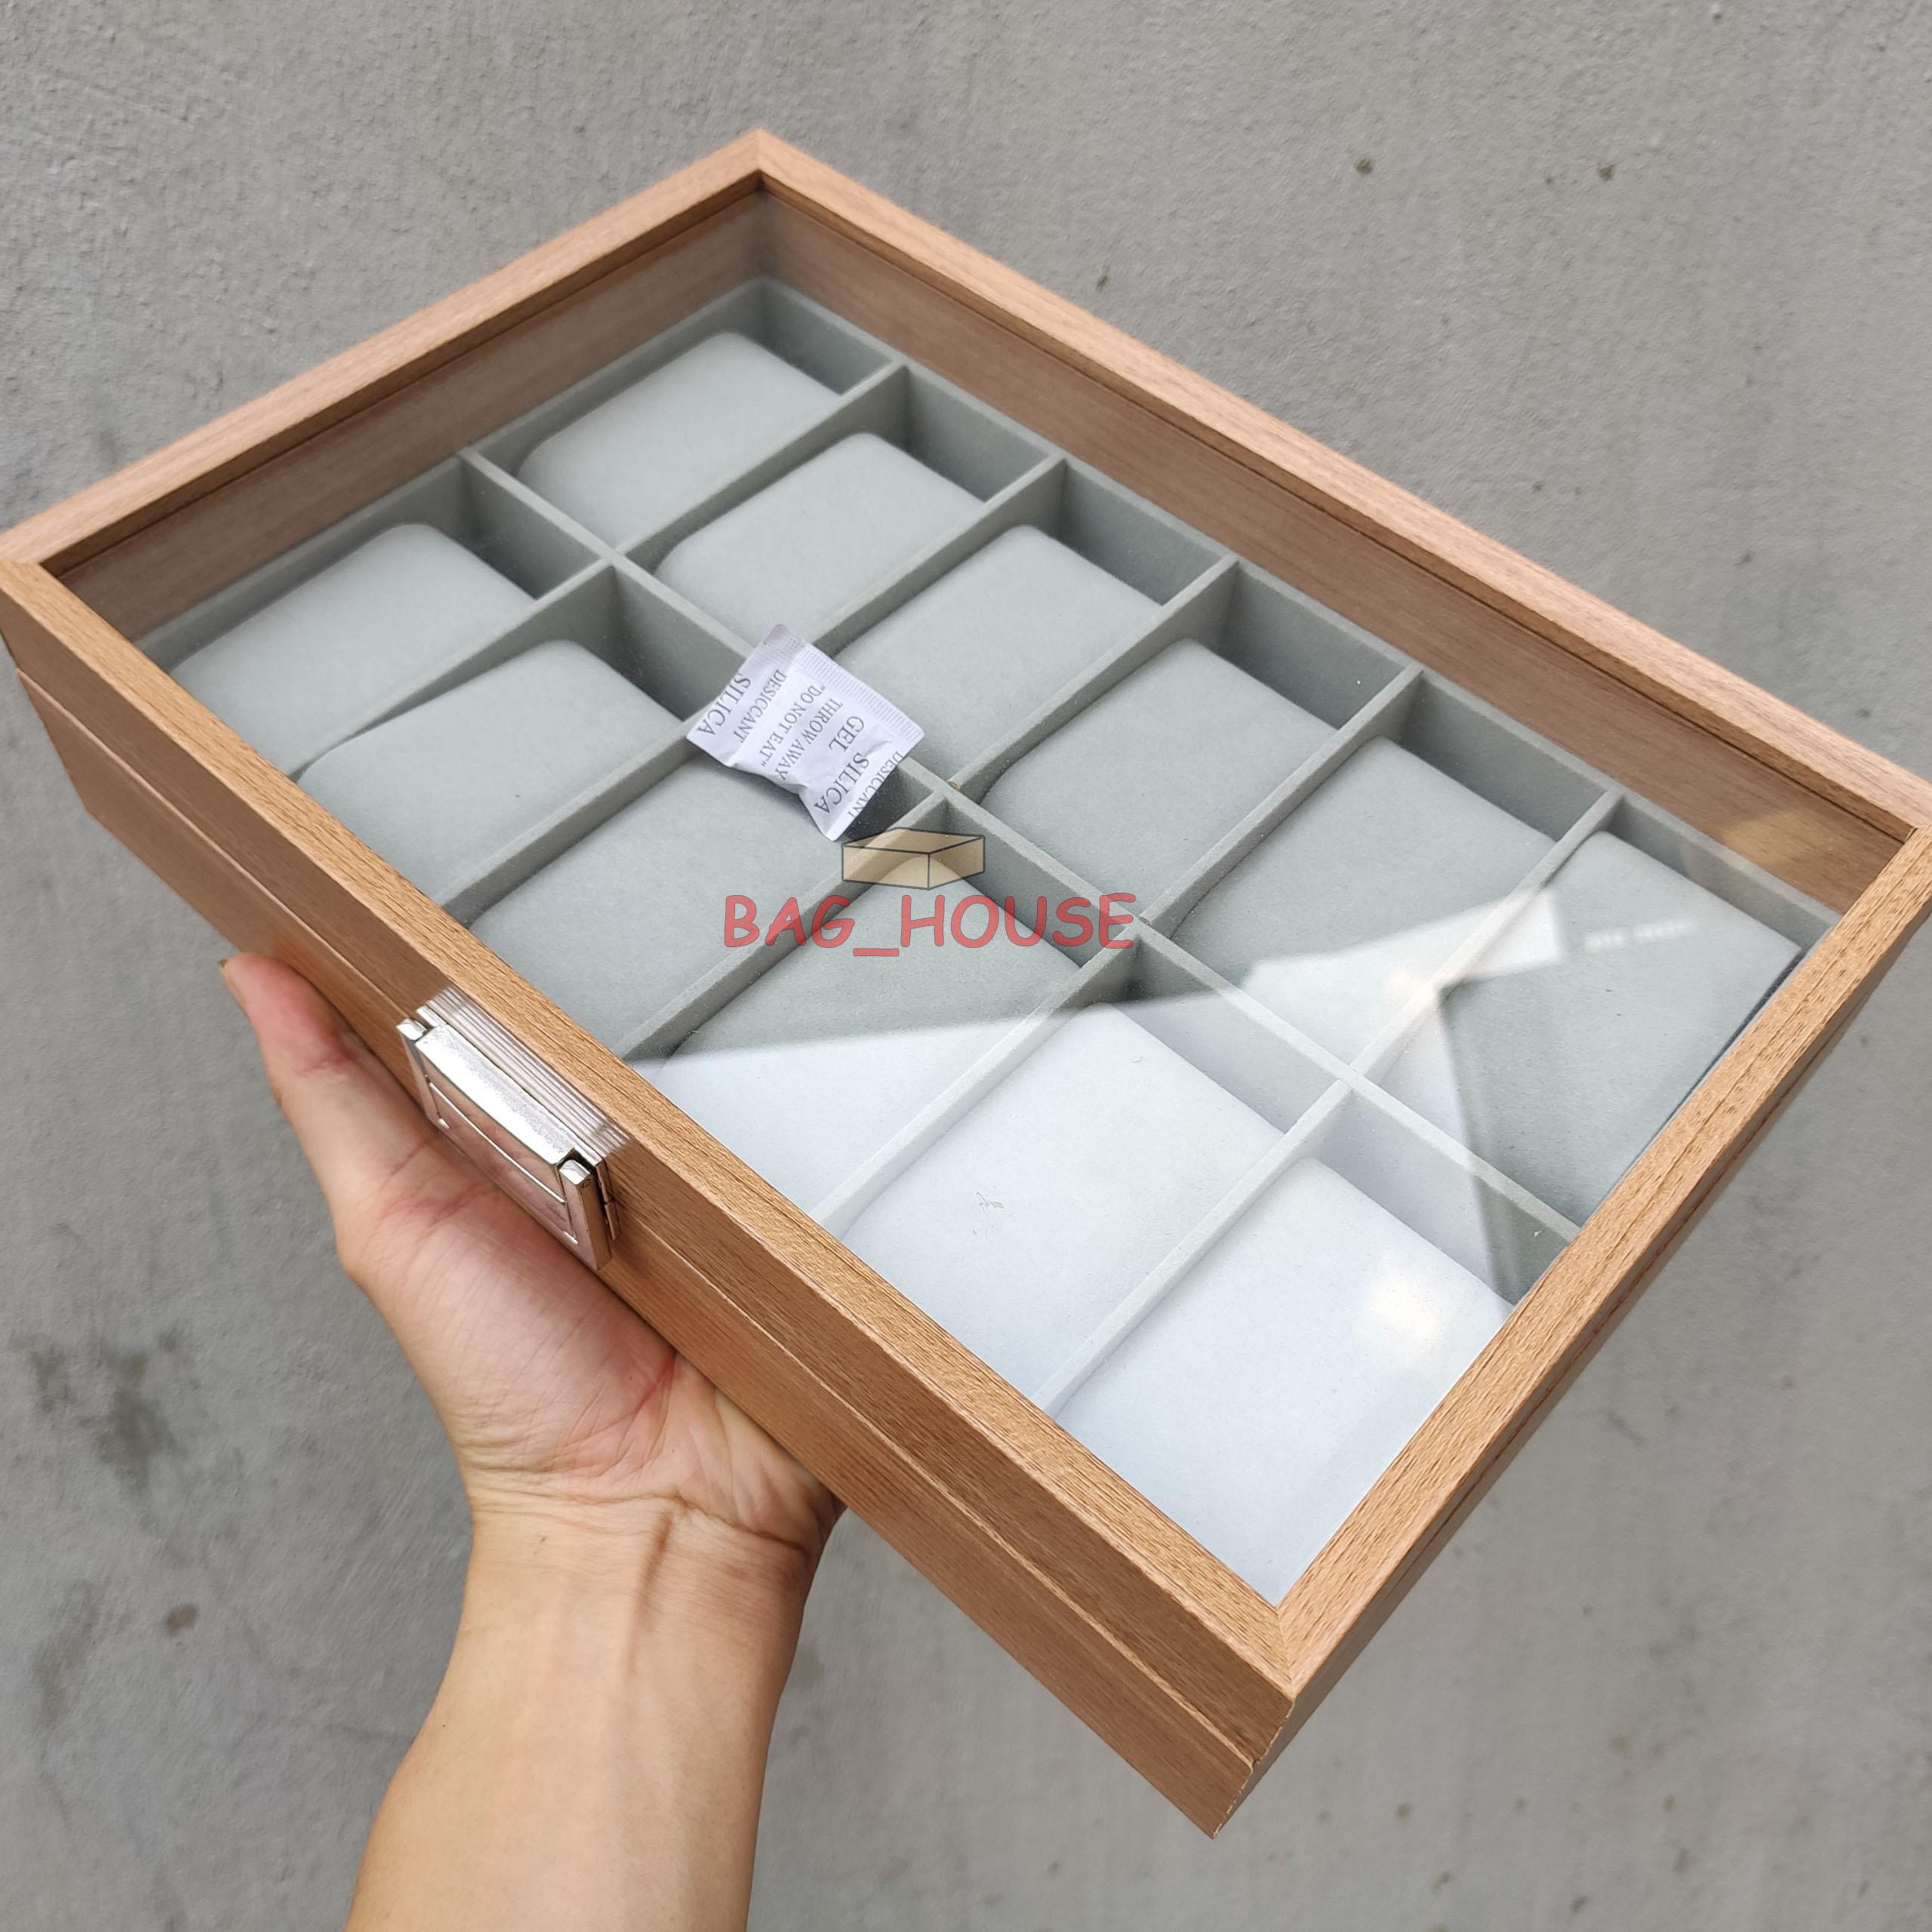 Nơi bán Hộp trưng bày đồng hồ 12 ngăn - Hộp đựng đồng hồ - Hộp gỗ trưng bày đồng hồ 12 ngăn